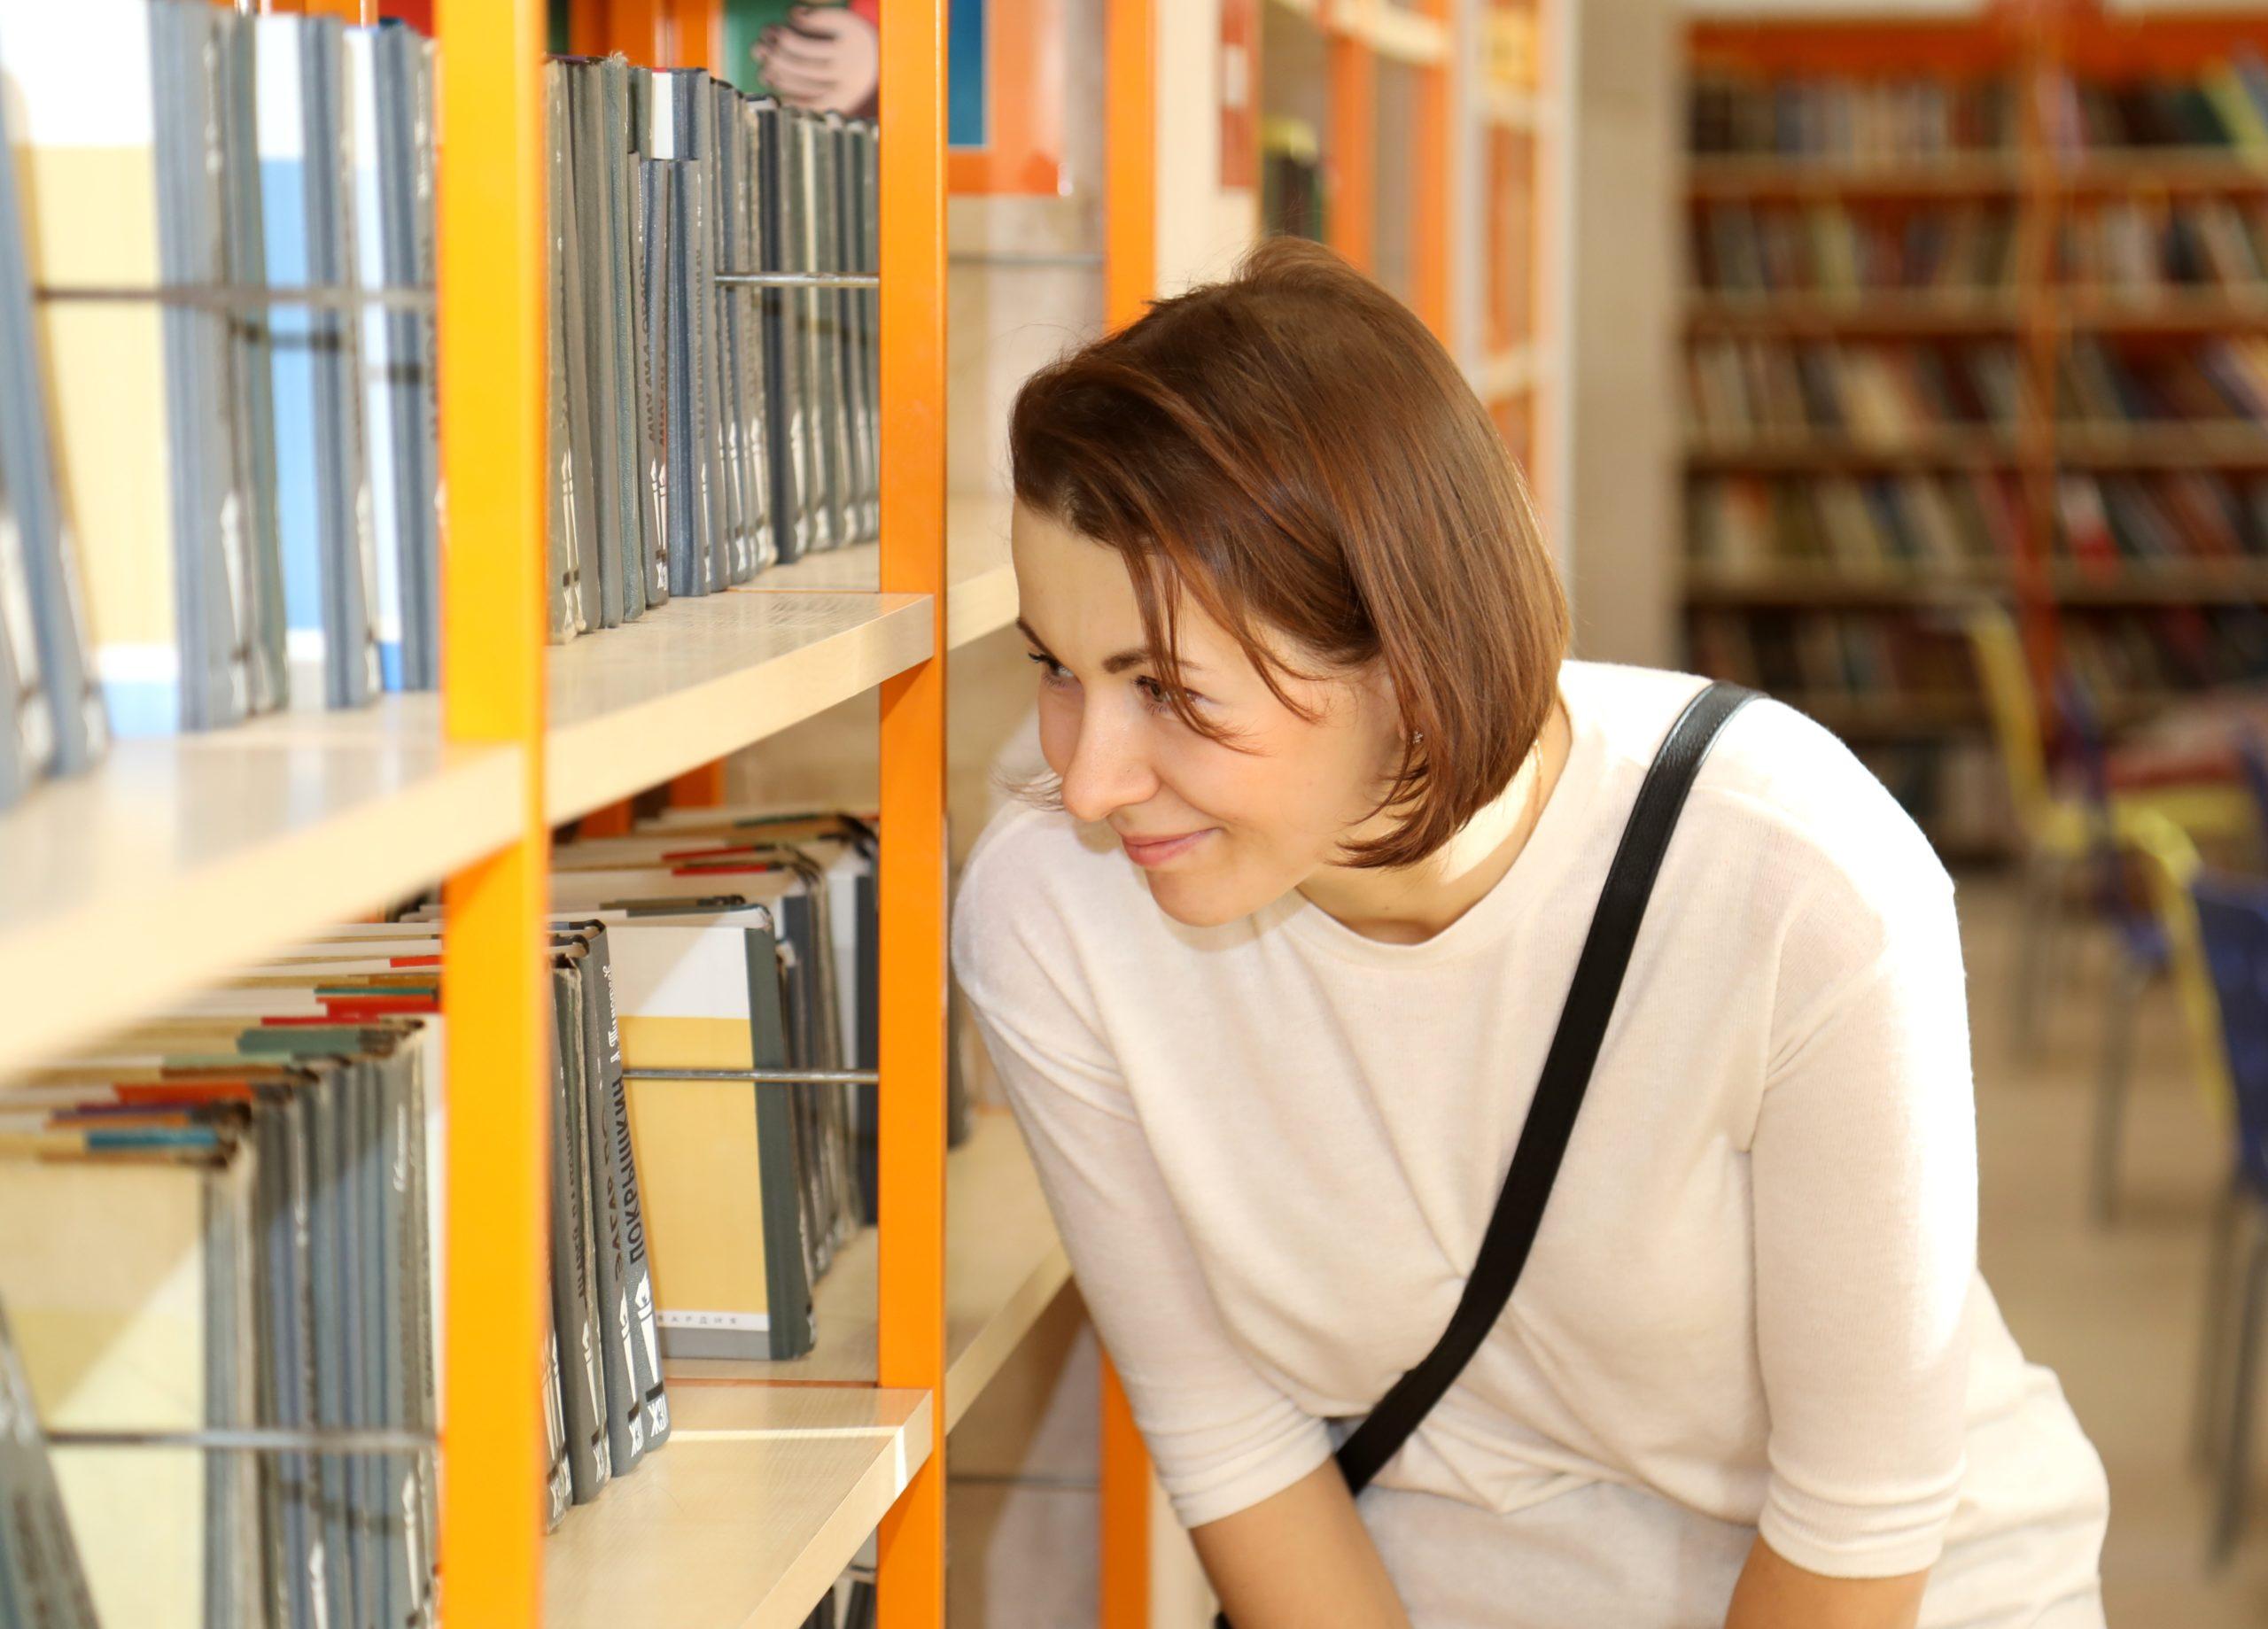 Mulher olhando livros na prateleira. Imagem ilustrativa texto Dia Internacional da Mulher.